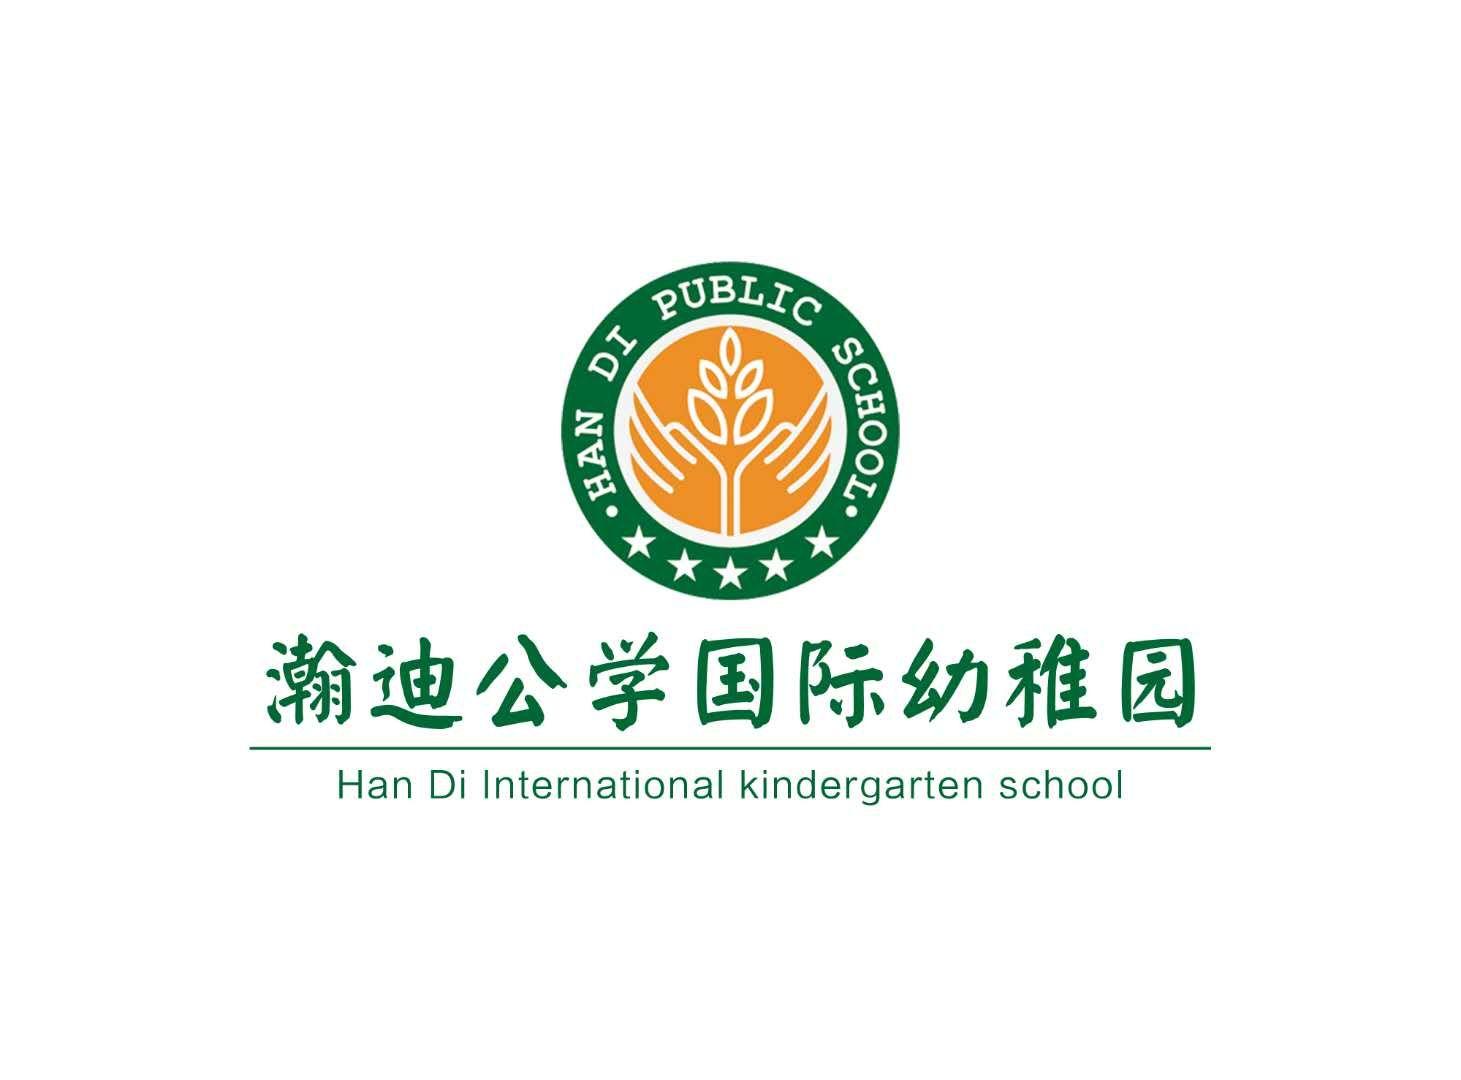 许昌瀚迪公学国际幼稚园招生电话-河南资深的瀚迪公学幼稚园哪家提供